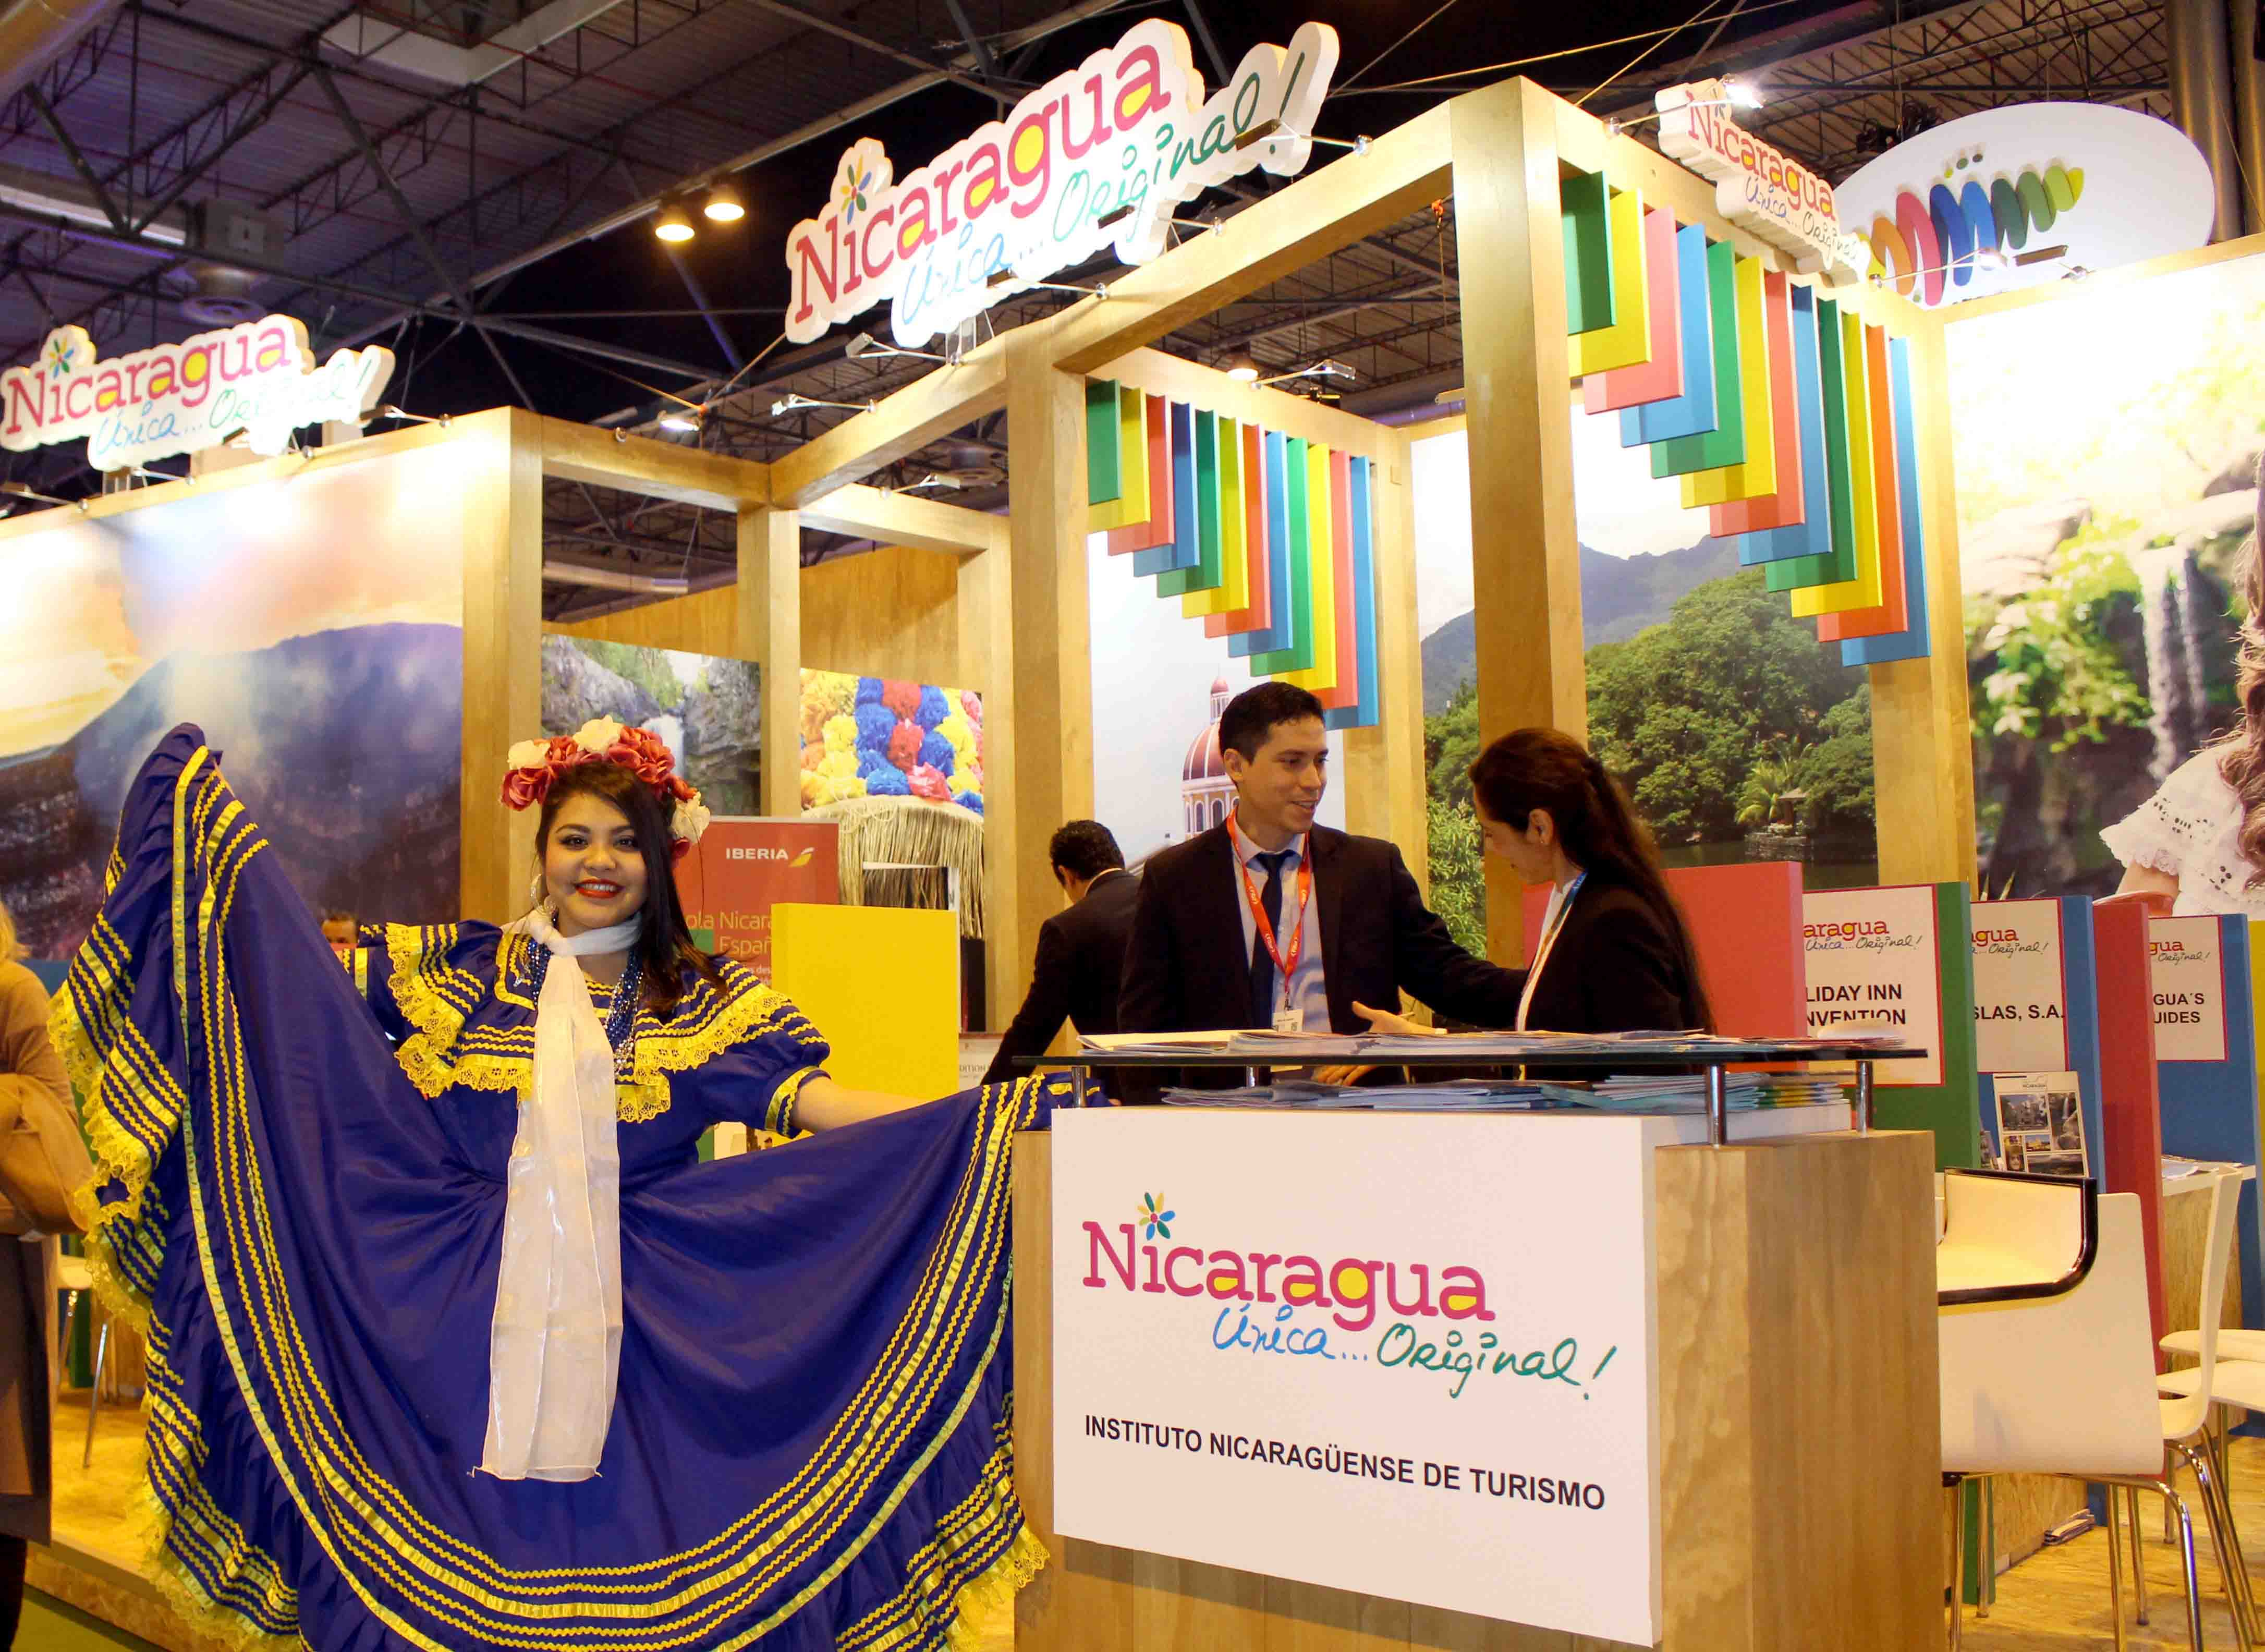 Nicaragua prevé aumentar el número de visitantes internacionales un 30 por ciento más, hasta dos millones de viajeros en 2018.